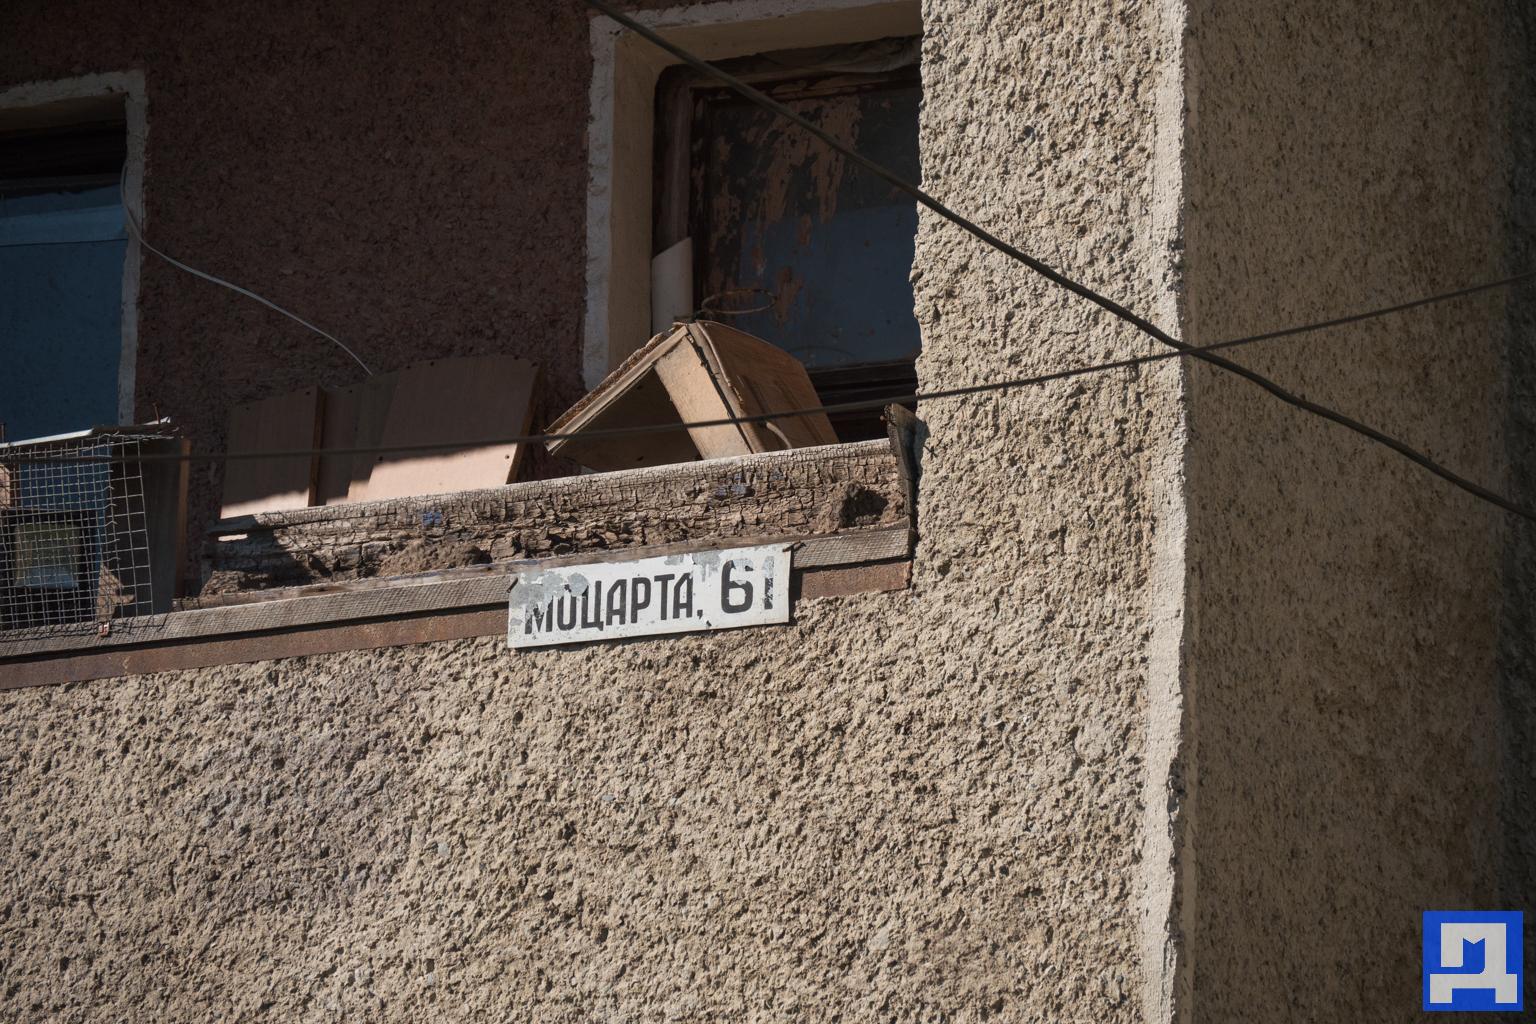 У Коломиї облаштують житло для бійців 10-ї бригади: що відомо 2